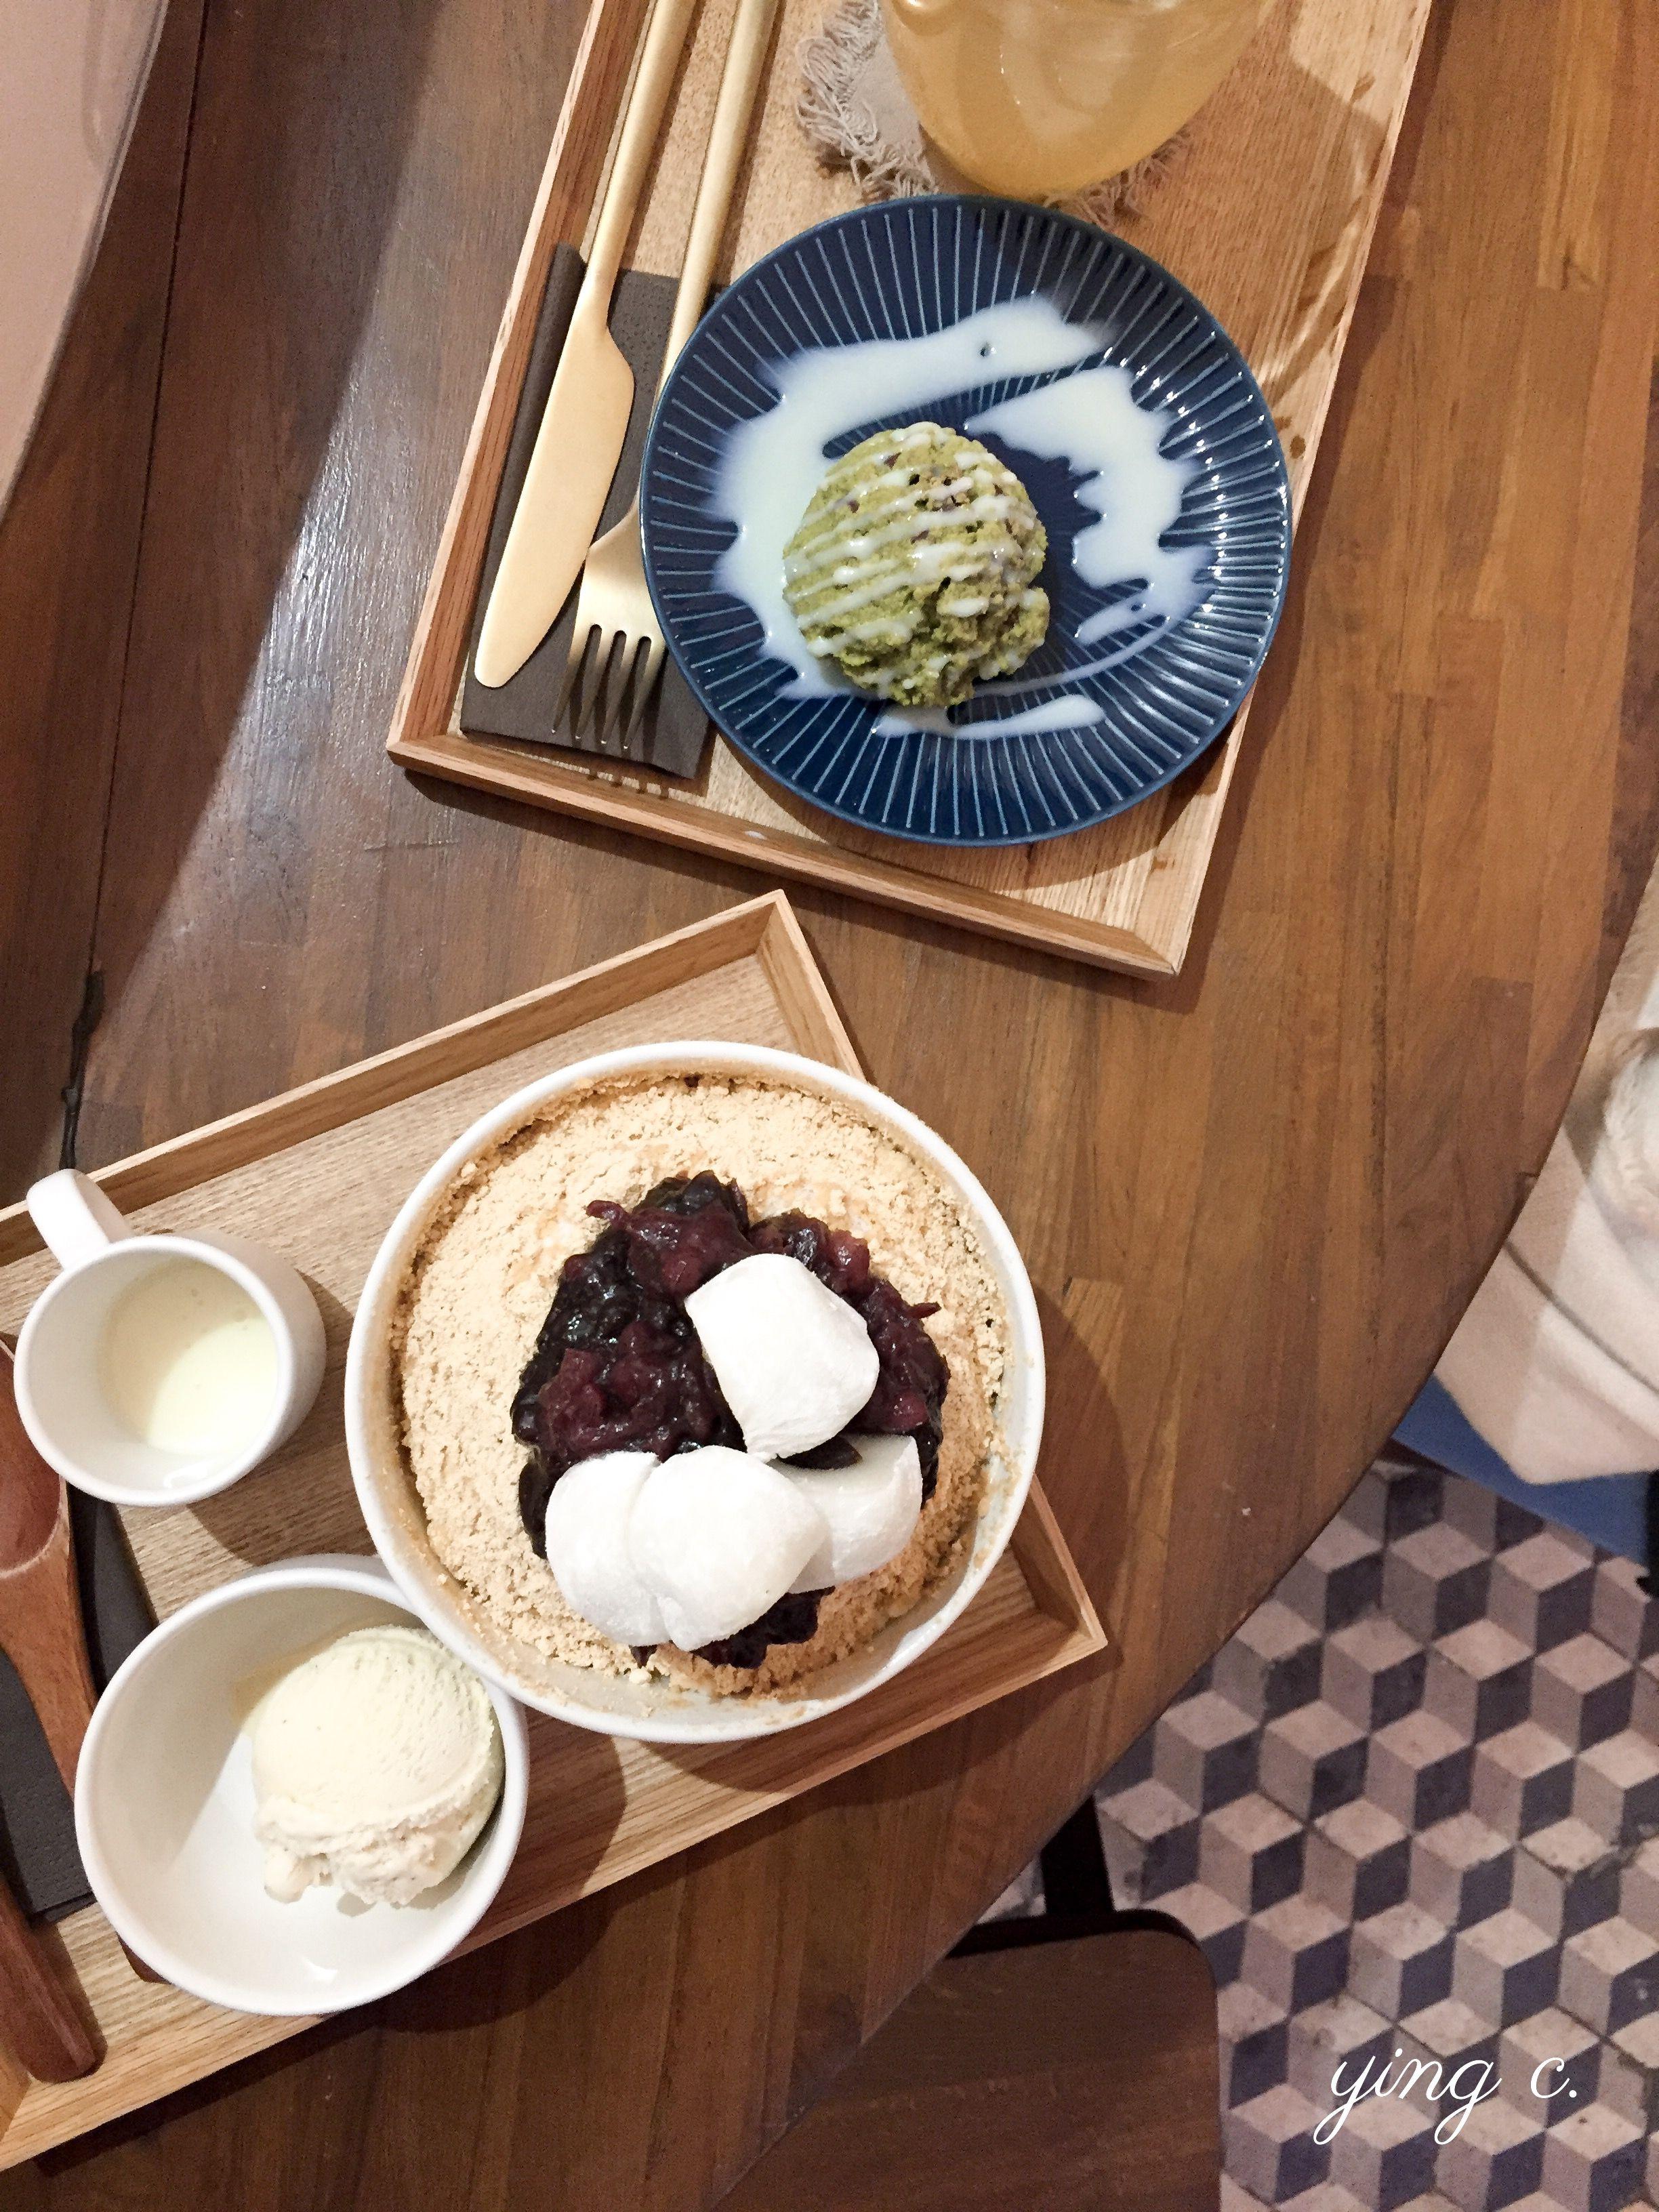 巴黎第一家韓國咖啡店+82PARIS,其刨冰(bingsu)全年都吃得到,但隨著季節變化推出不同口味。